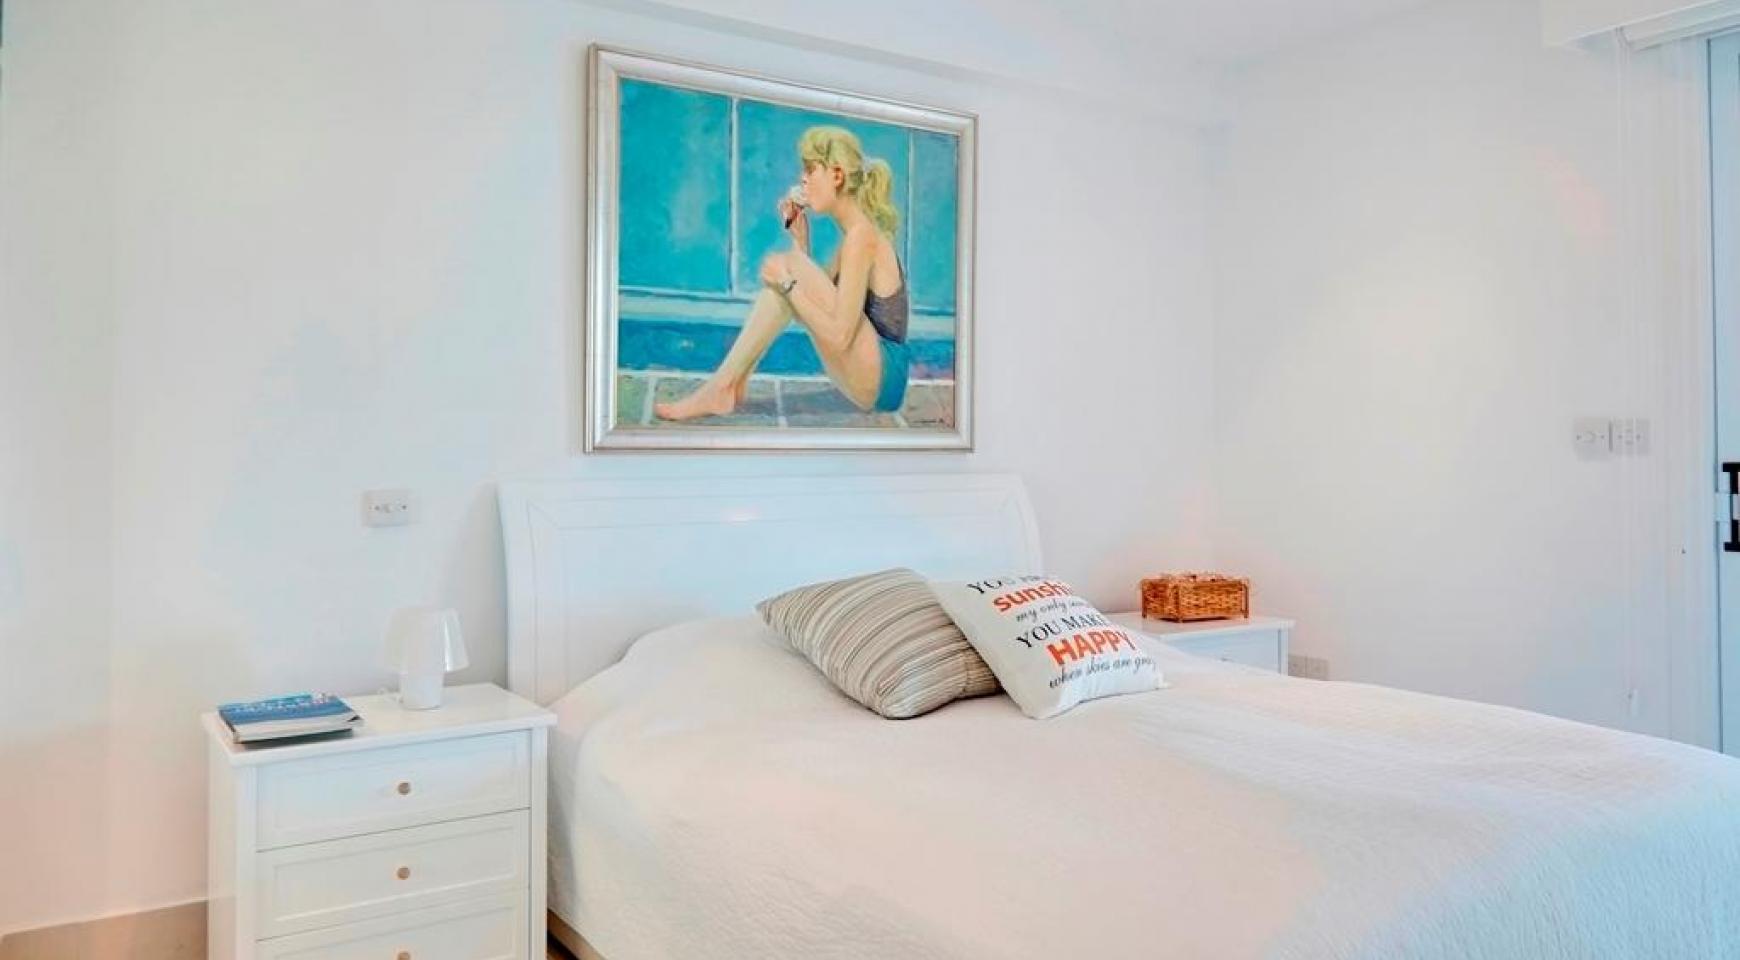 2-Спальная Квартира Категории Люкс Berengaria на Берегу Моря - 13